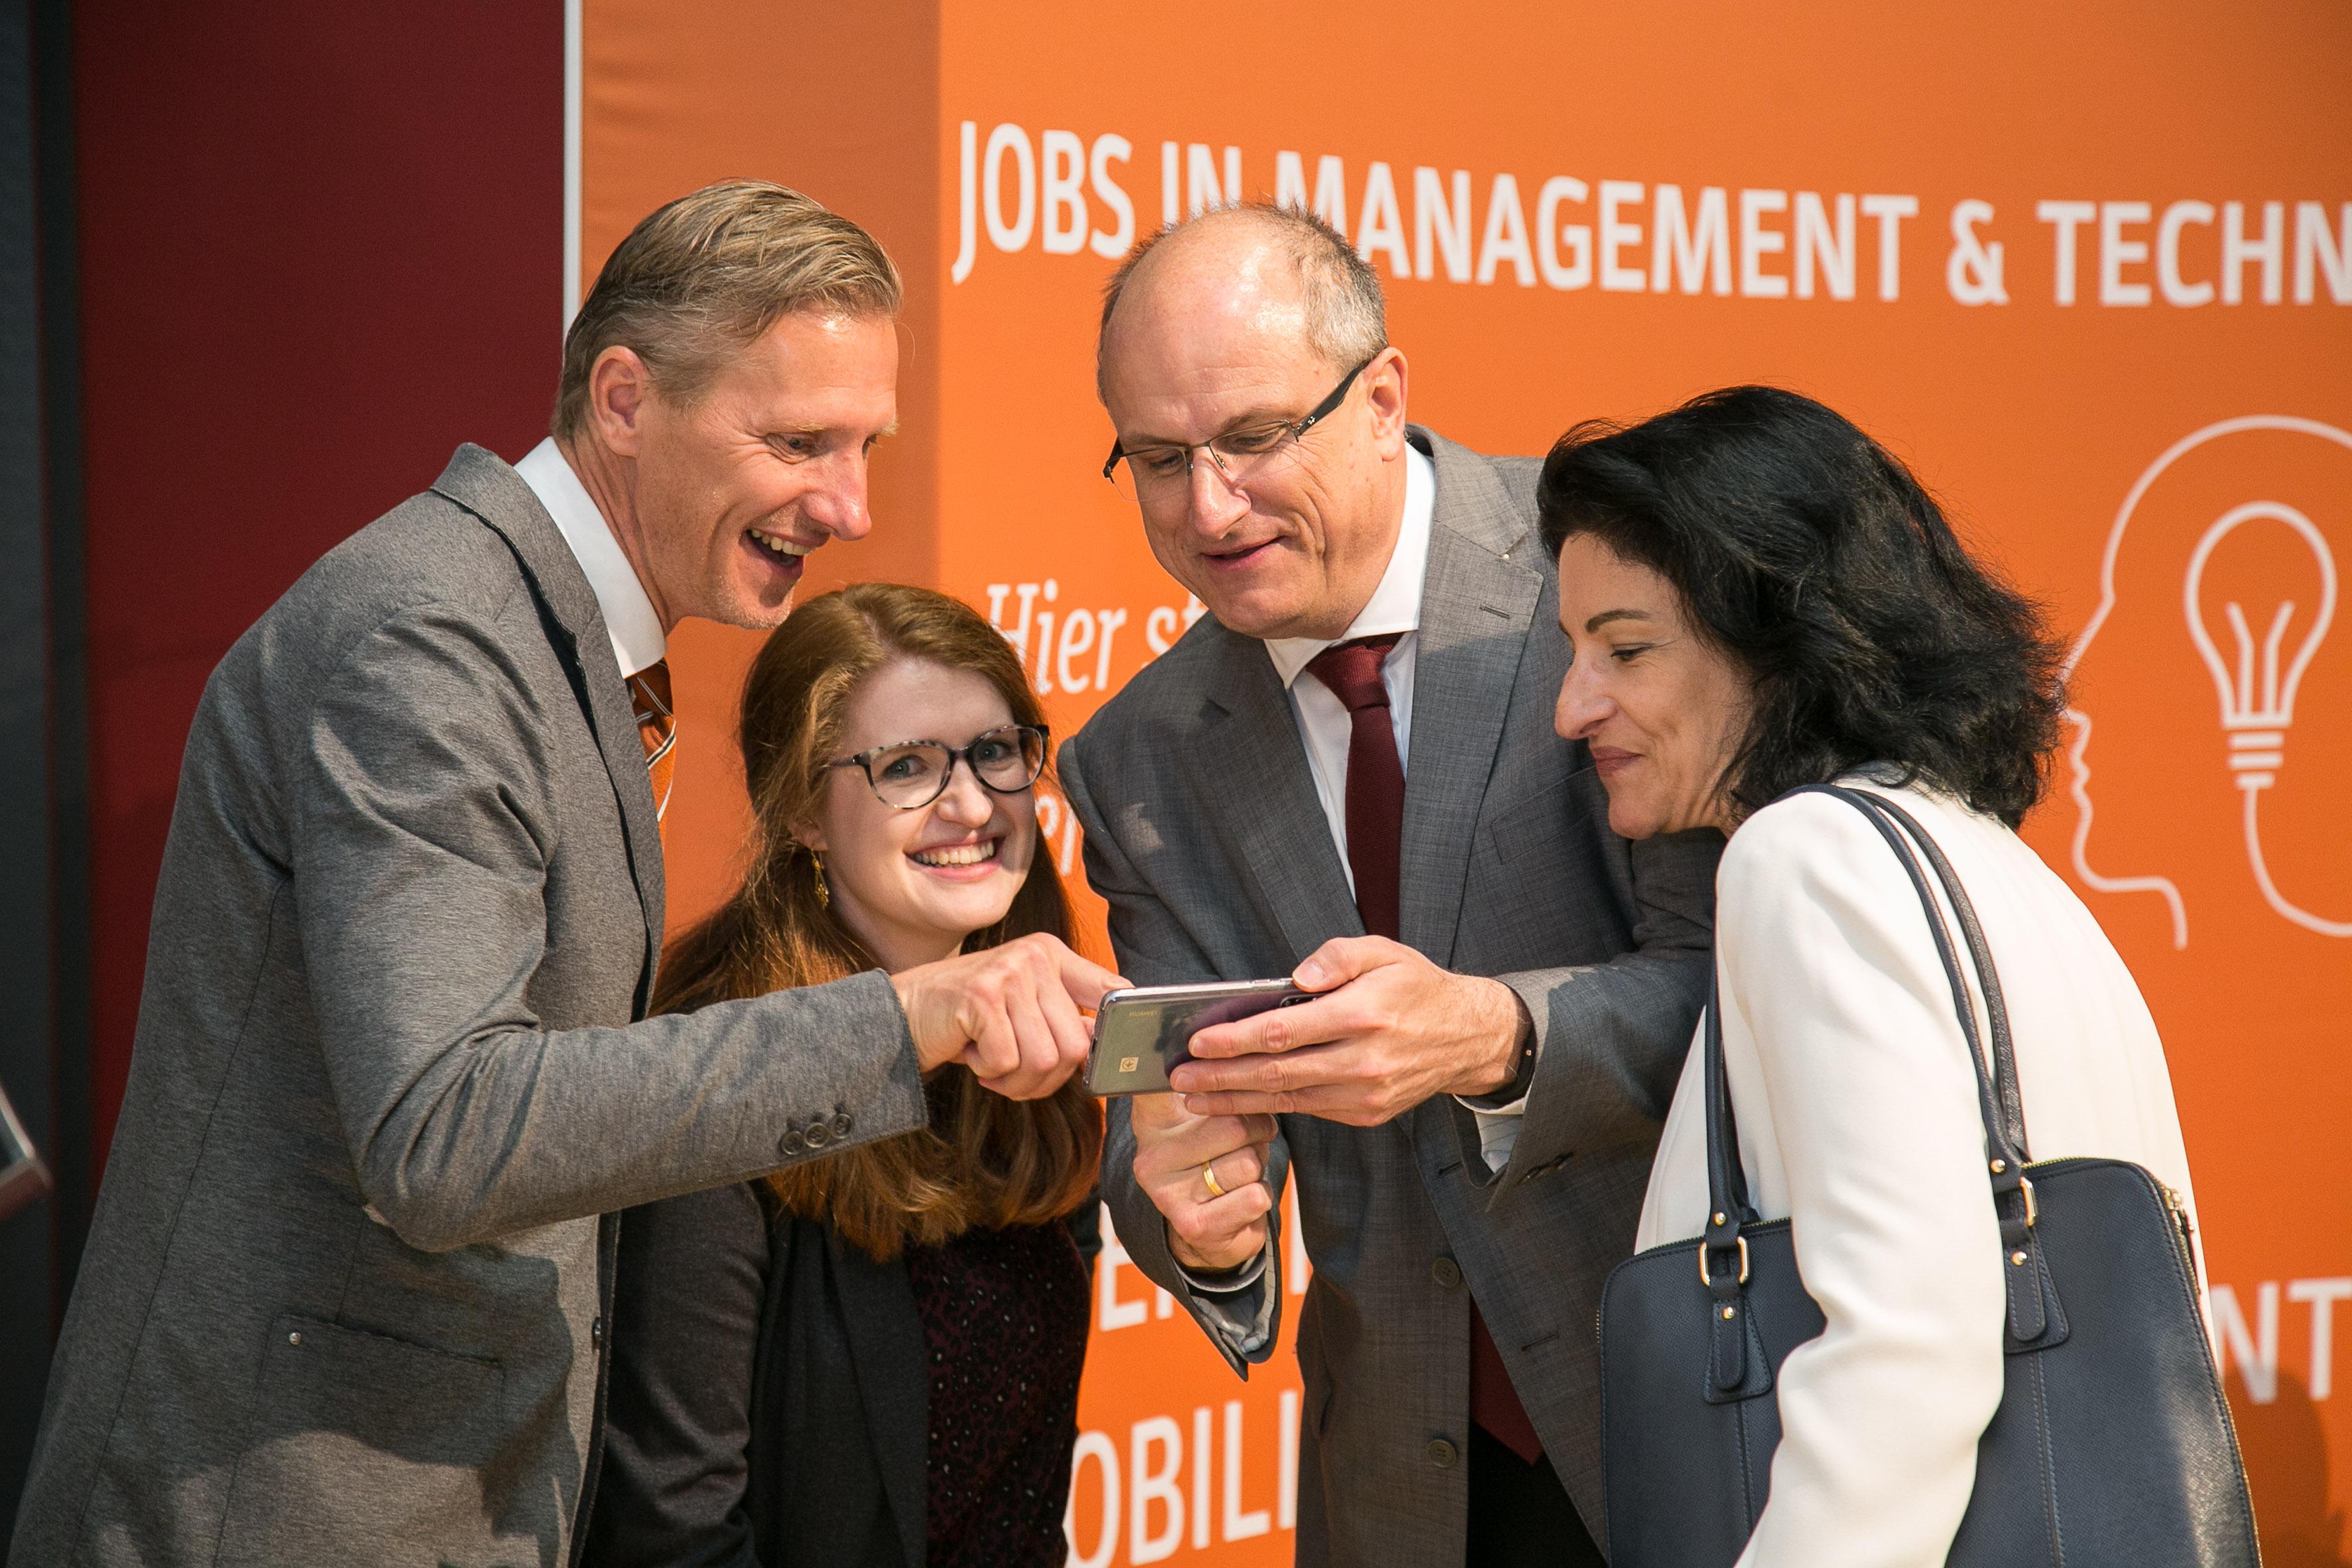 Auch die Entwicklungen im digitalen Bereich waren bei der Feierlichkeit ein wichtiges Thema. (© FH JOANNEUM / Klaus Morgenstern)